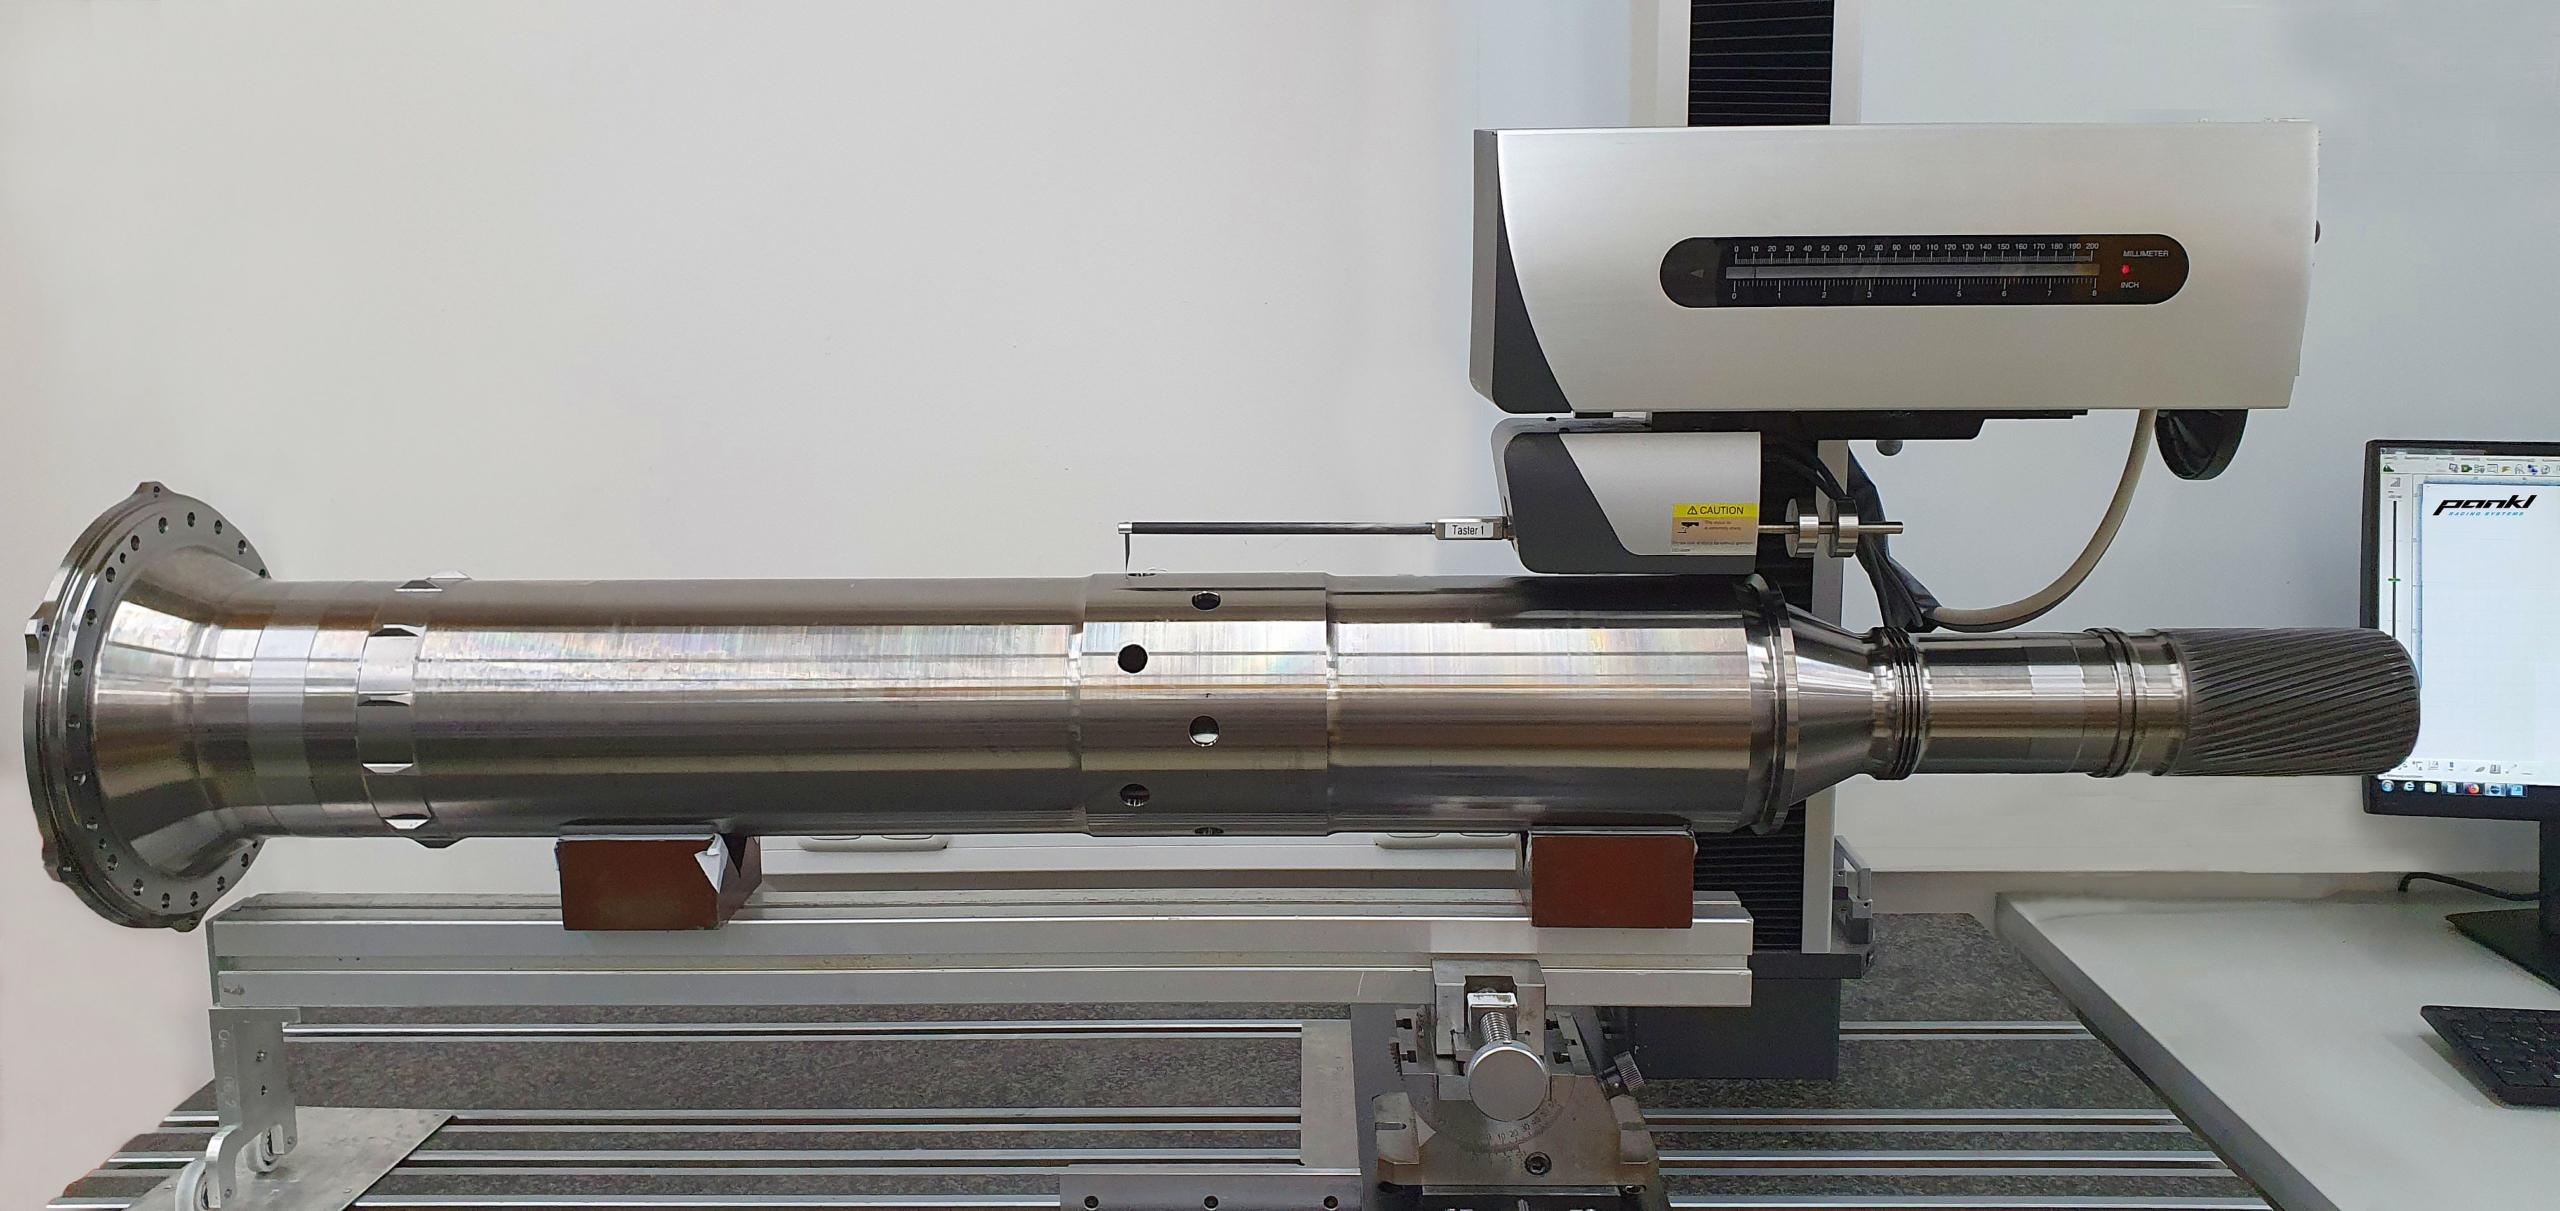 Bei Pankl Aerospace erfolgt die Konturmessung der Antriebswelle mit dem Konturmessgerät SURFCOM NEX 030 von ACCRETECH